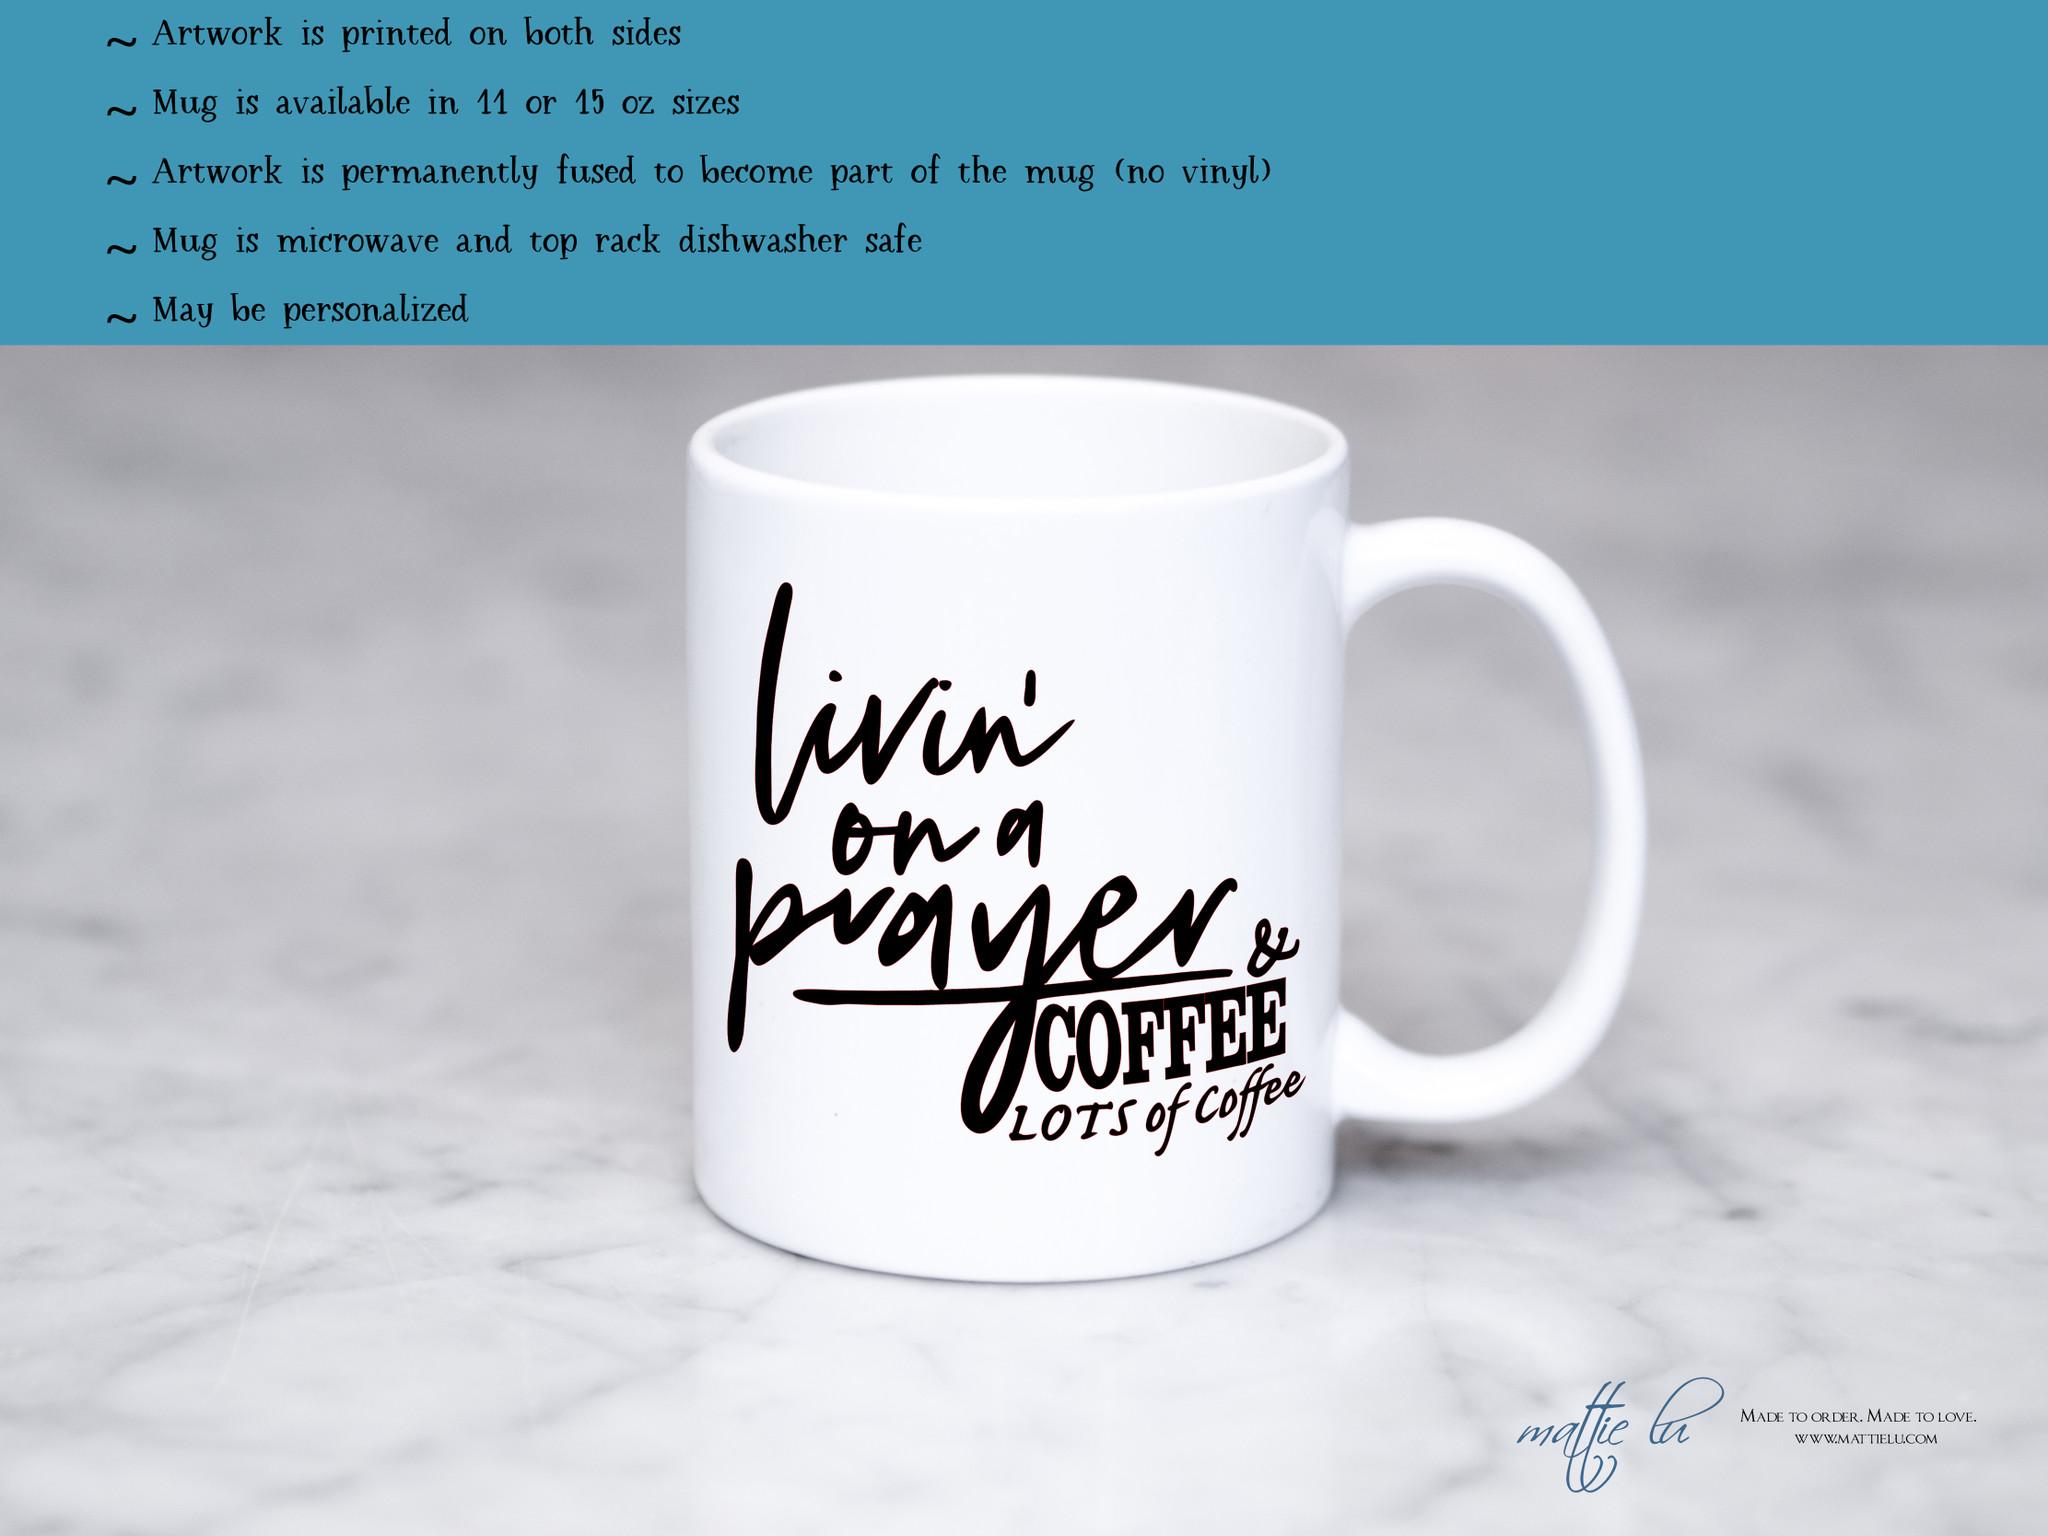 The Mug Coffee >> Livin On A Prayer Coffee Mug Religious Mugs Coffee Mugs With Religious Sayings Coffee Cup With Saying Mom Gift Teacher Gift